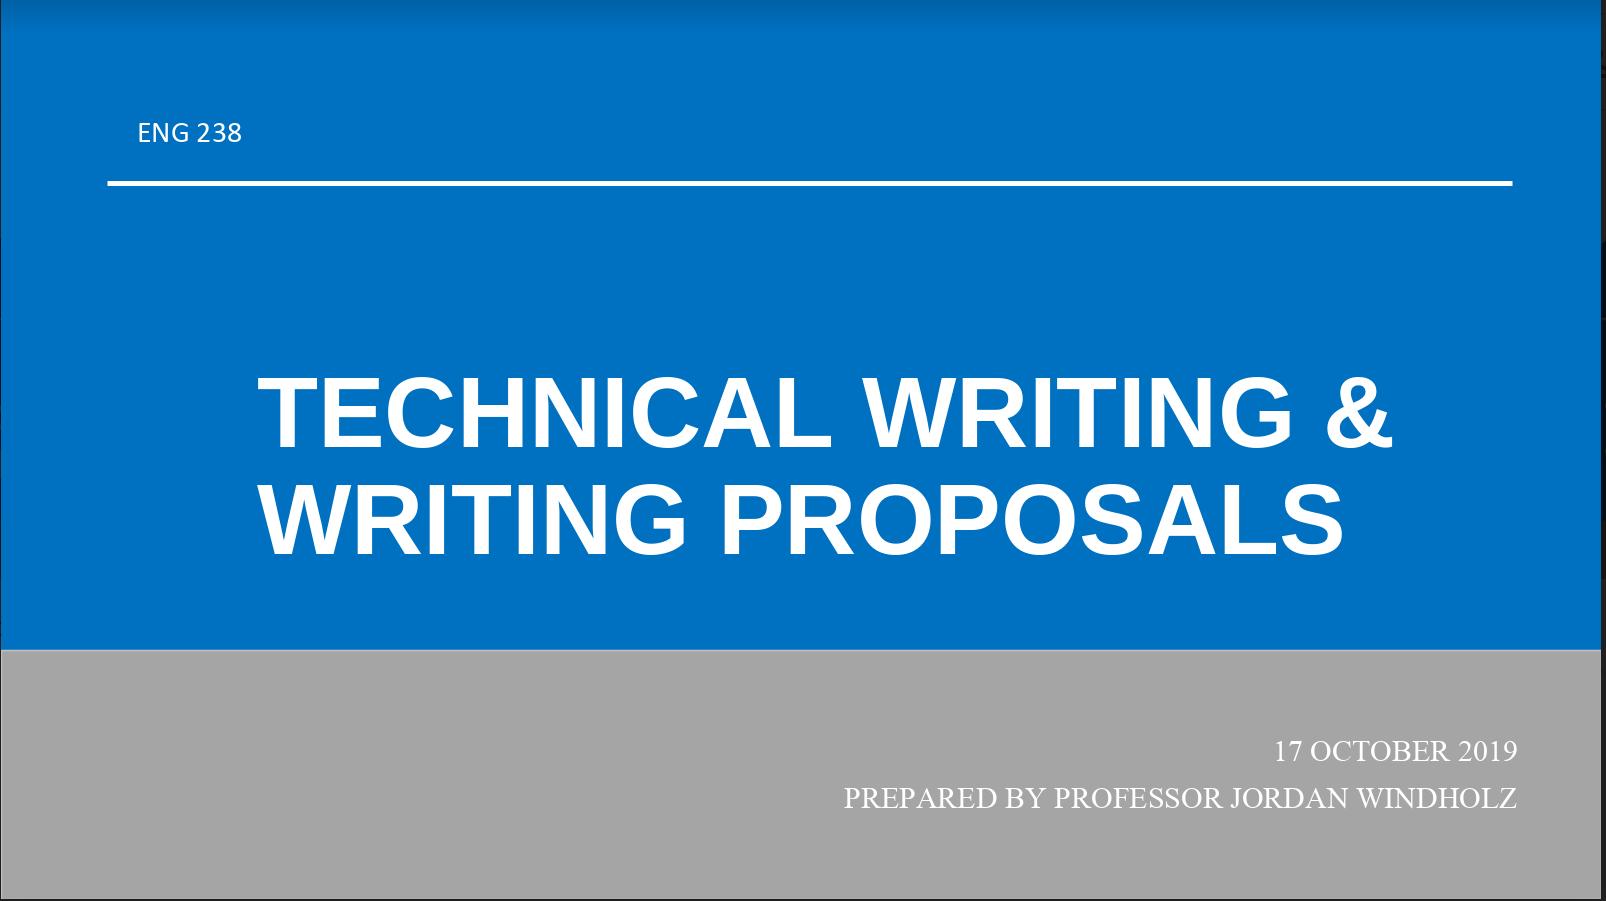 writingproposals.PNG